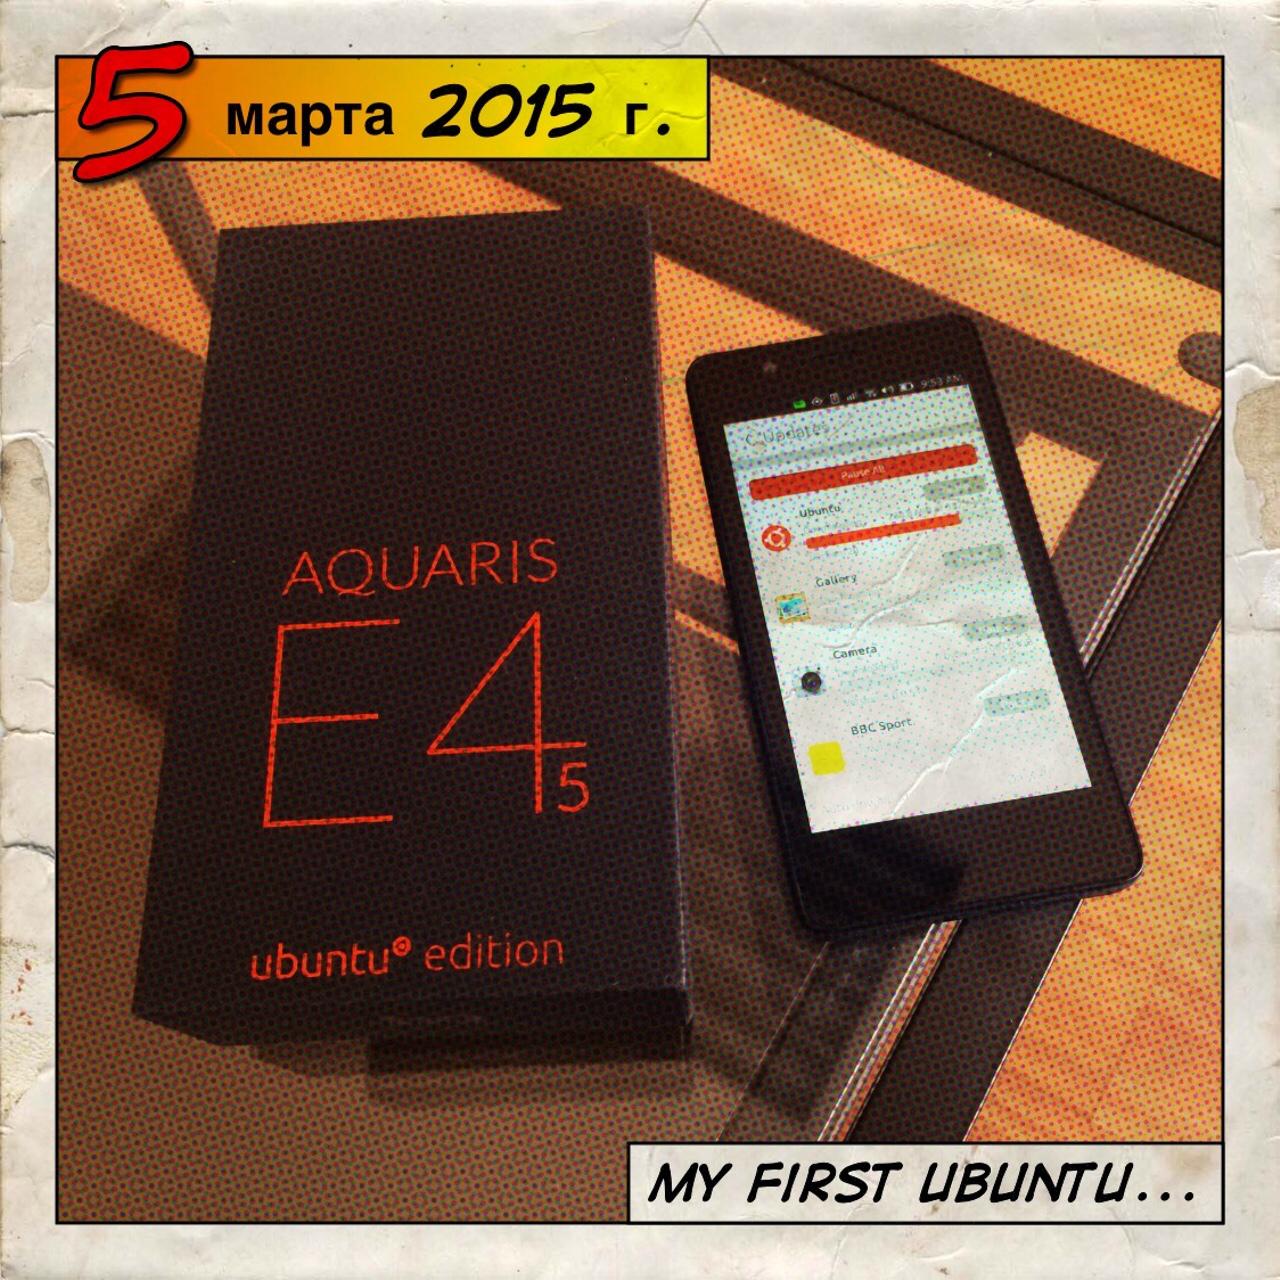 Обновление bq Ubuntu